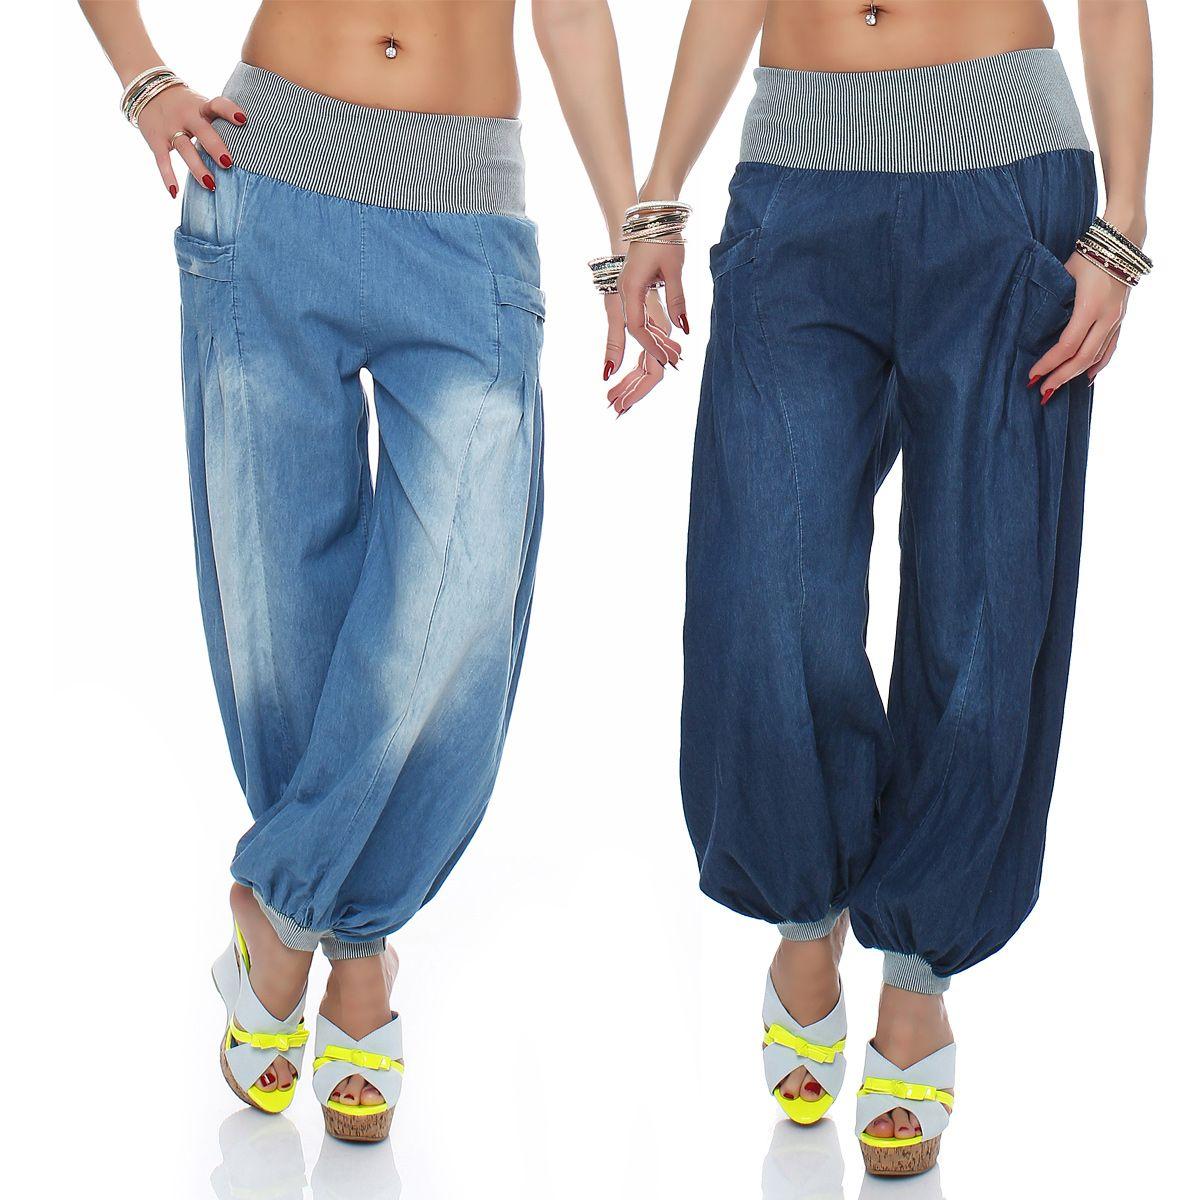 Damen Jeans Sommerhose Haremshose Muckhose Aladinhose Pluderhose ...